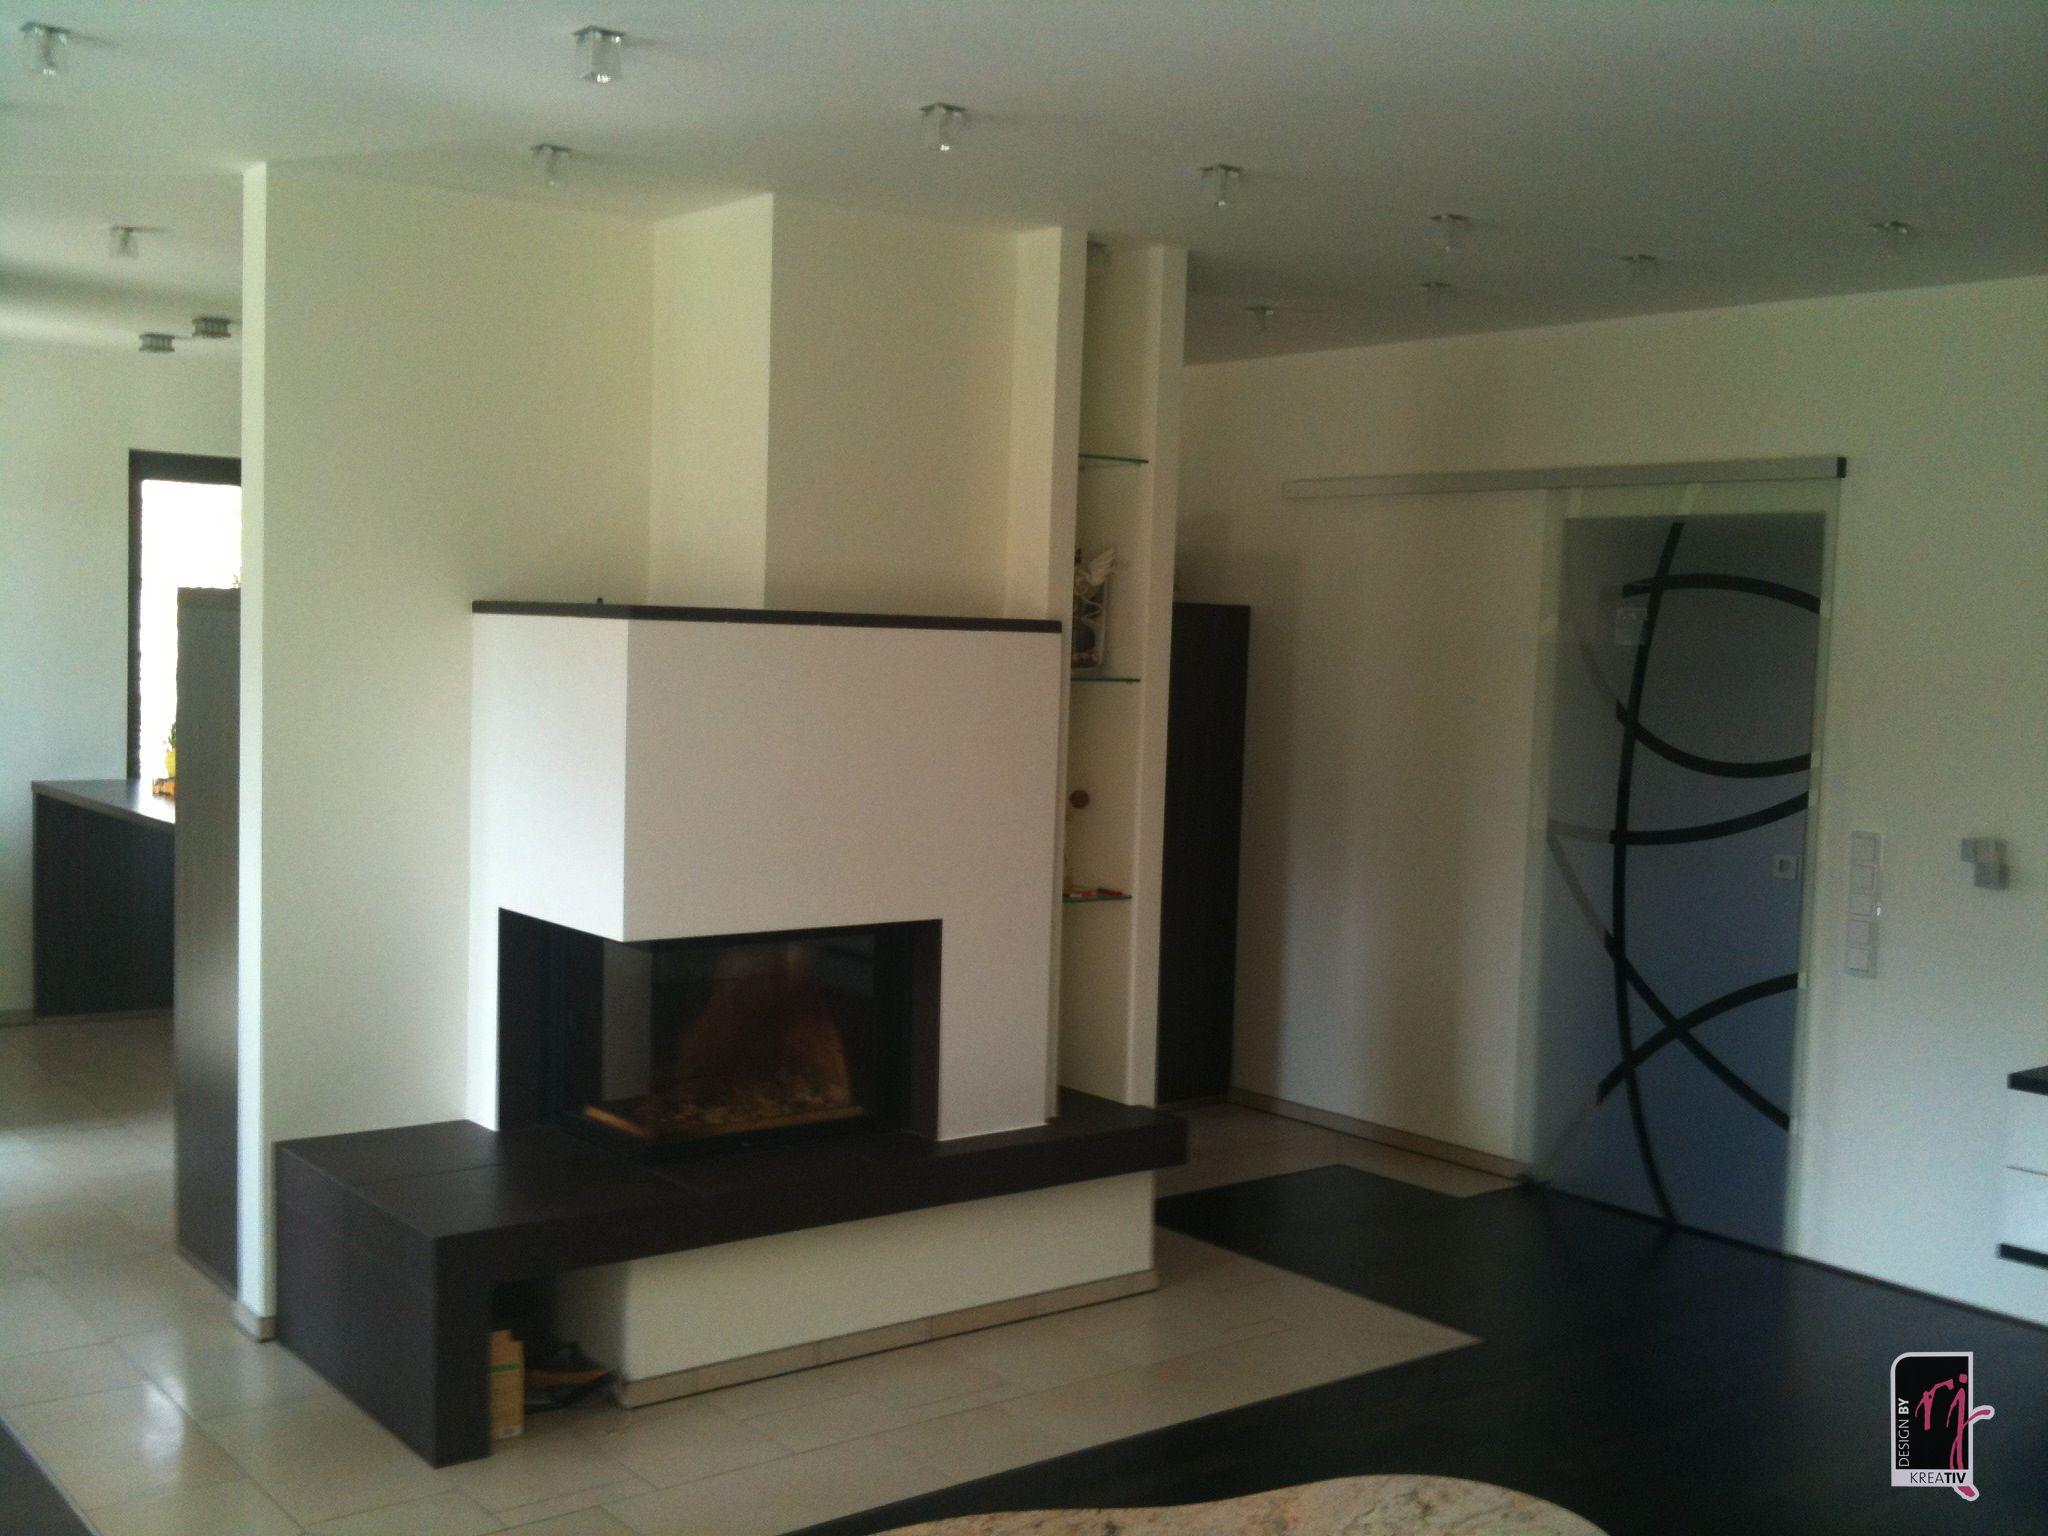 Referenz Umbau Küche und Wohnzimmer – rj-KREATIV